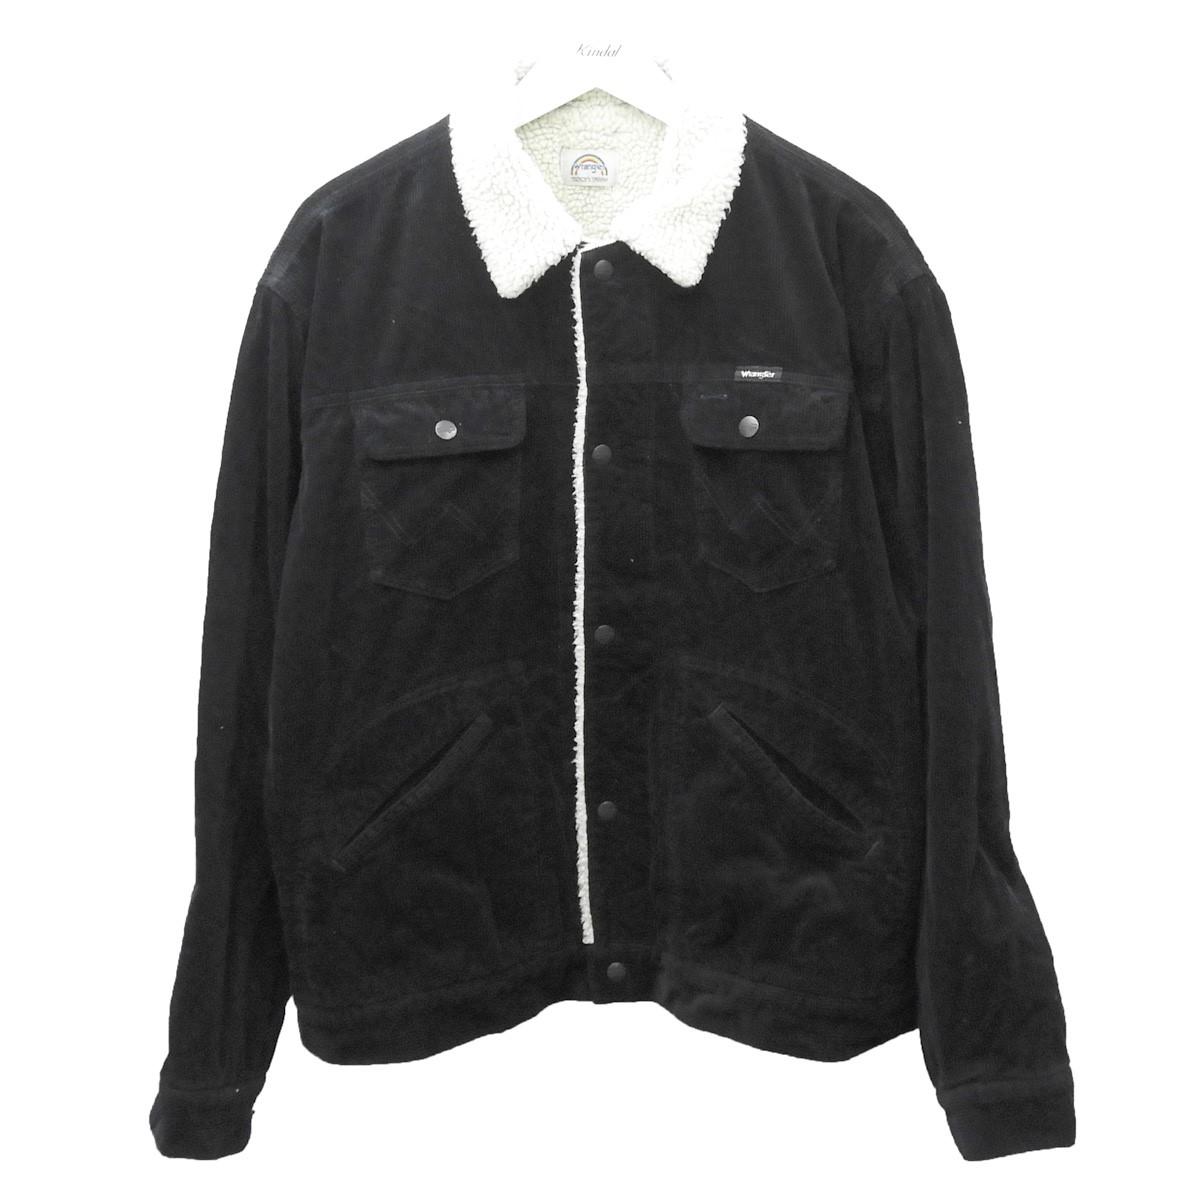 【中古】YSTRDY'S TMRRW×Wrangler コーデュロイボアジャケット ブラック サイズ:M 【230720】(イエスタデイズトゥモロー ラングラー)